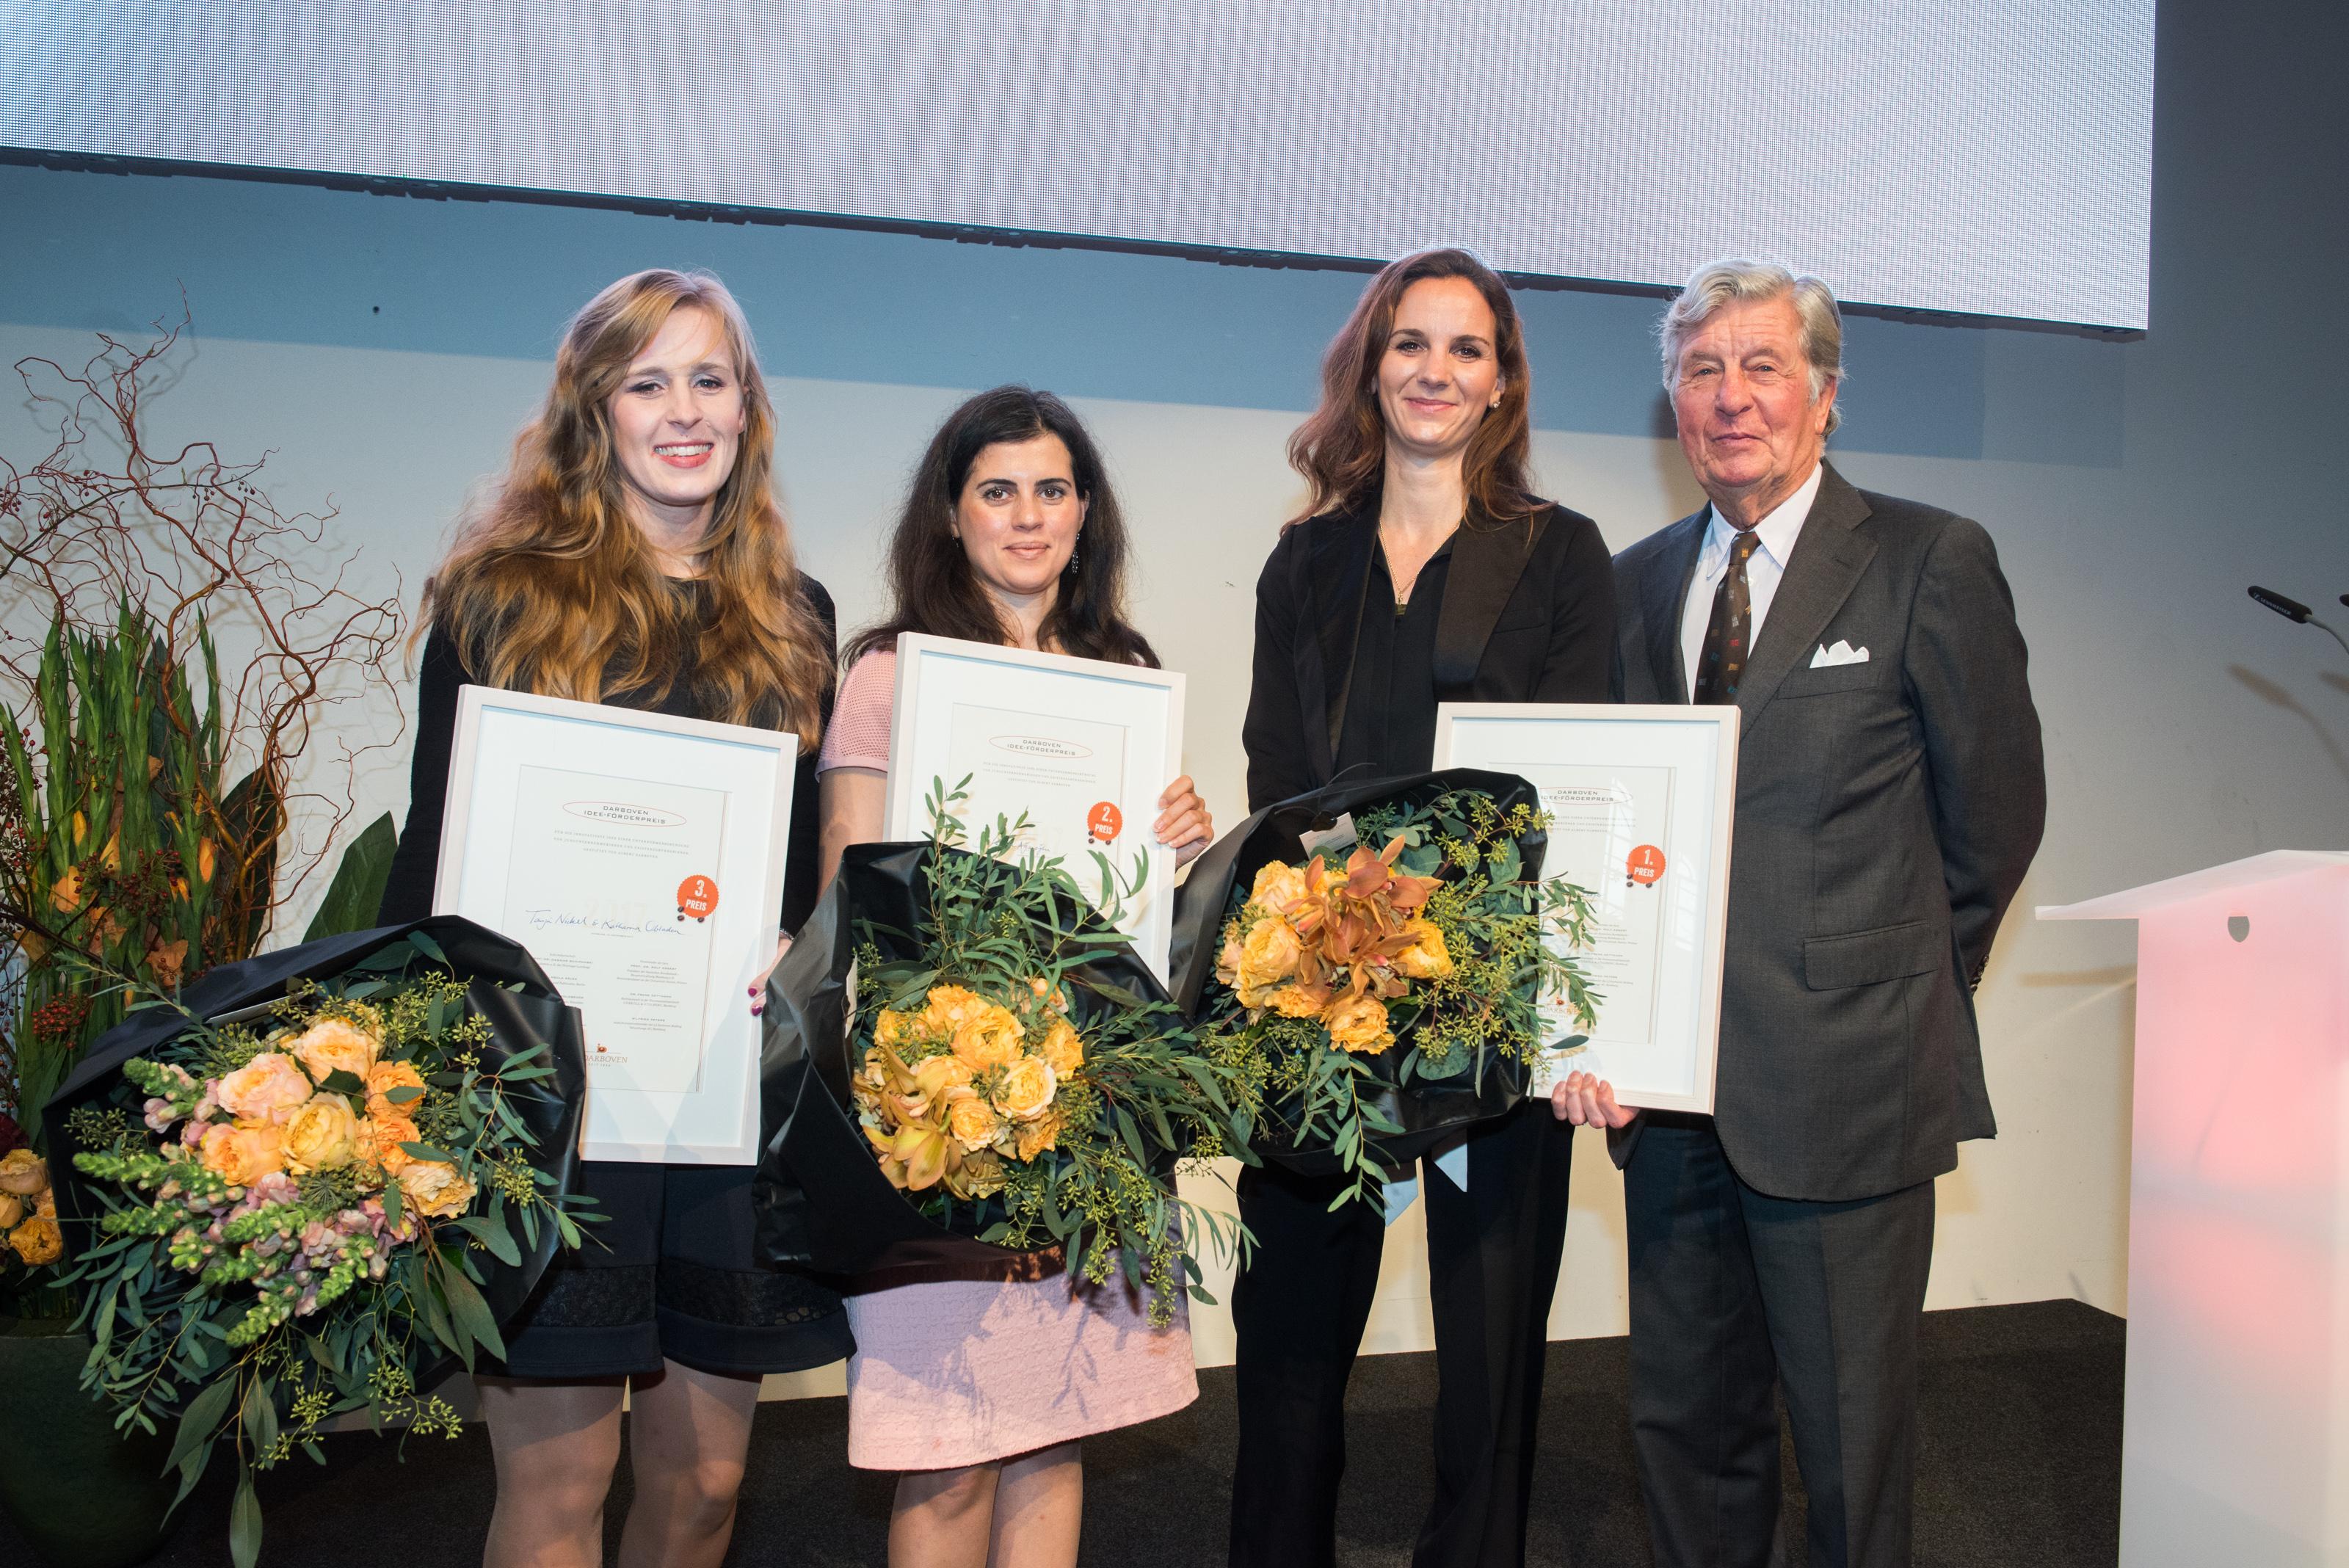 Darboven IDEE-Förderpreis 2017 – innovative Gründerinnen im Scheinwerferlicht